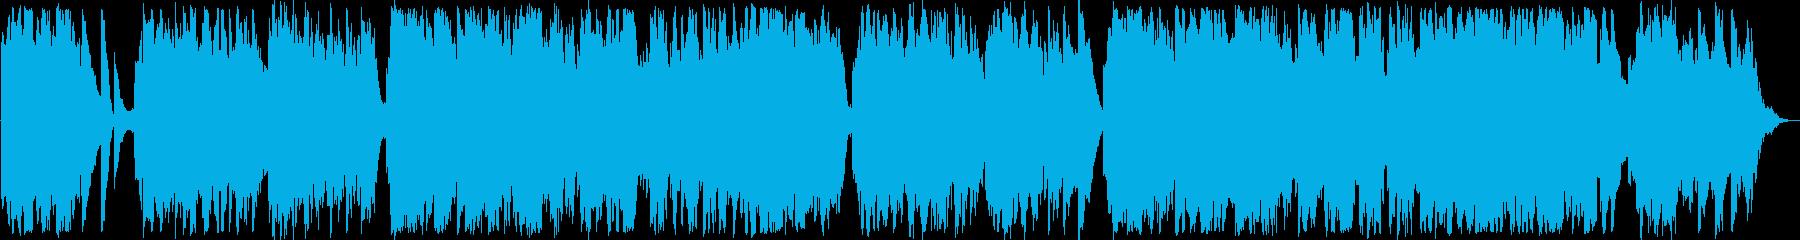 バイオリンとピアノのバラードの再生済みの波形